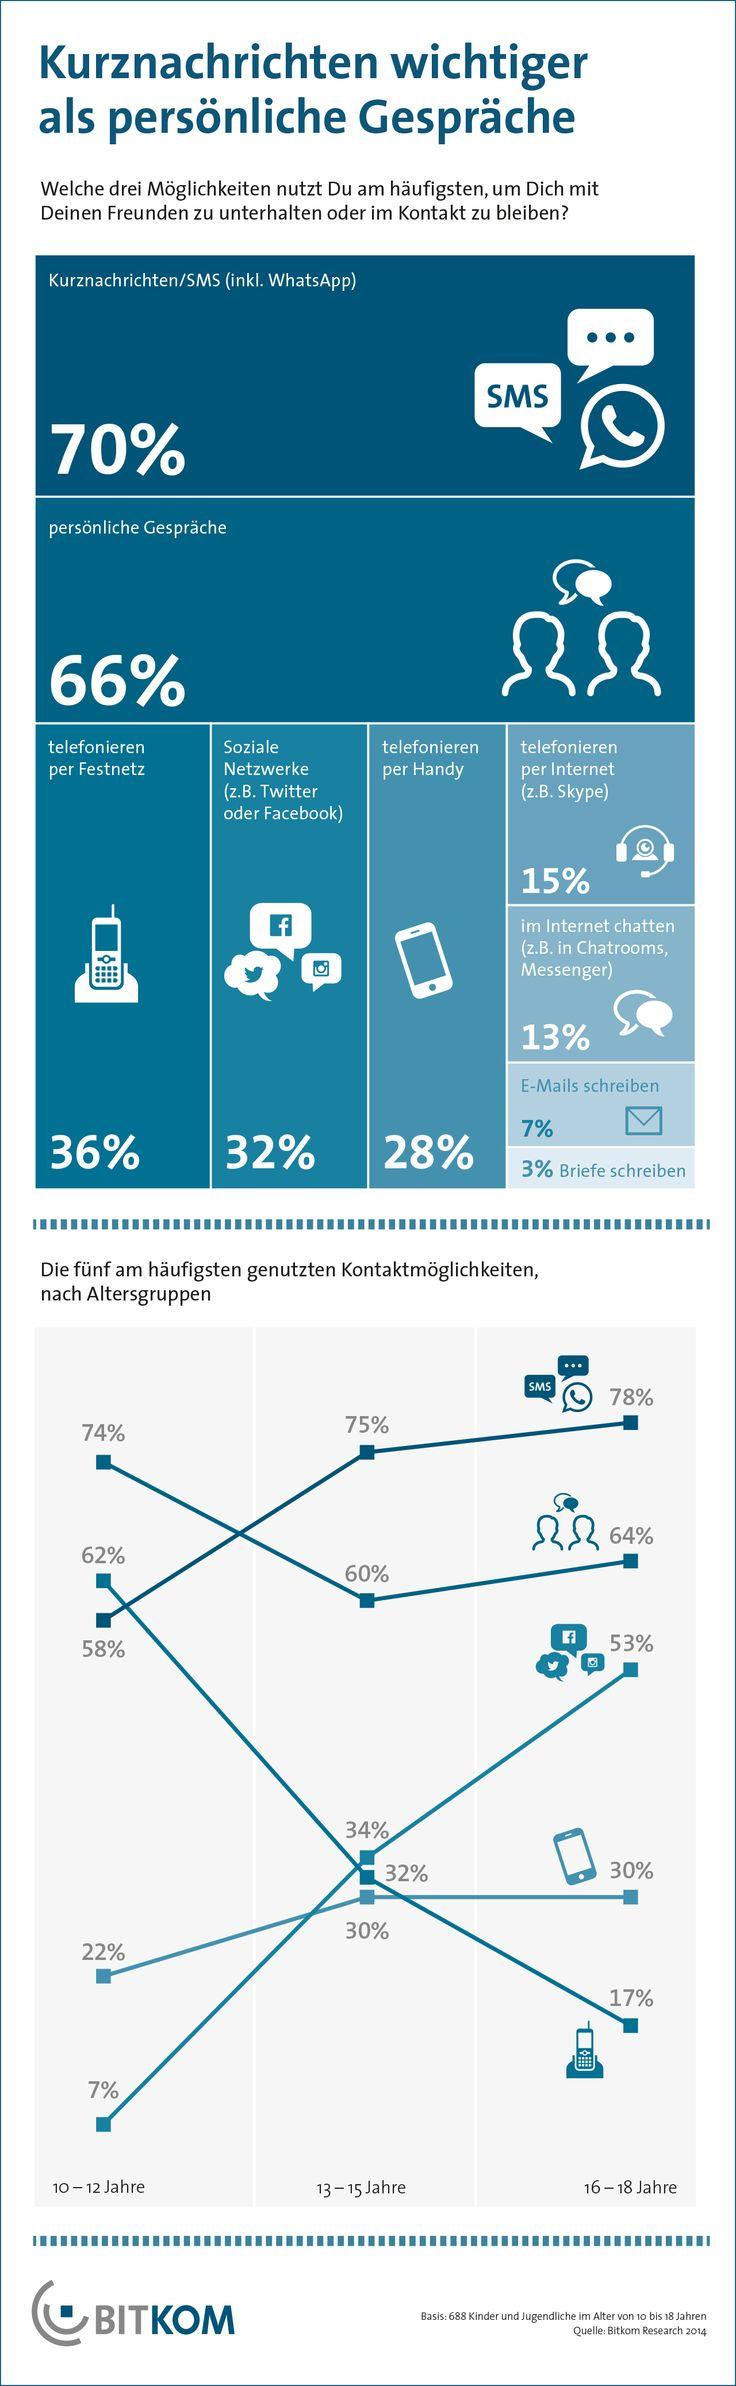 39 best Alles klar? images on Pinterest   Sprachen, Psychologie und ...